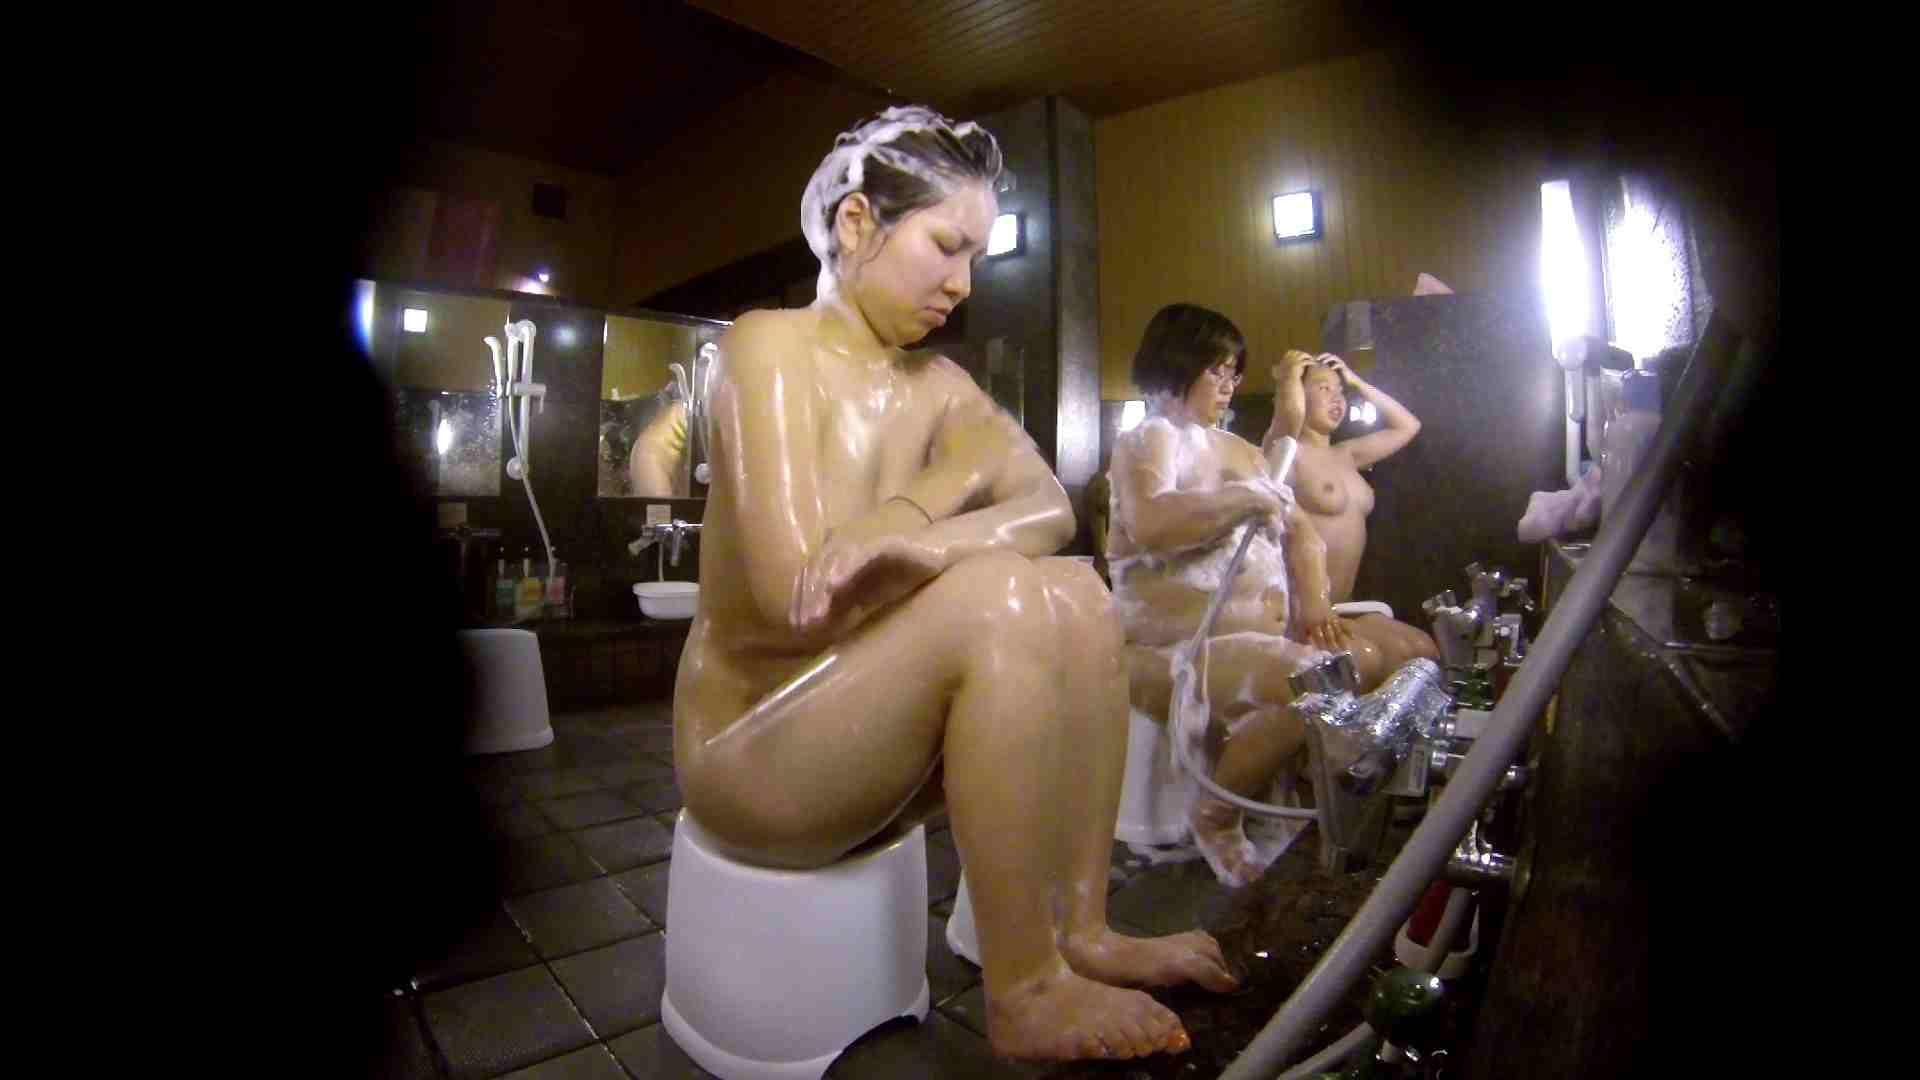 洗い場!色白でなかなかの美巨乳。柔らかく揺れまくりです 銭湯 盗み撮りオマンコ動画キャプチャ 92pic 5